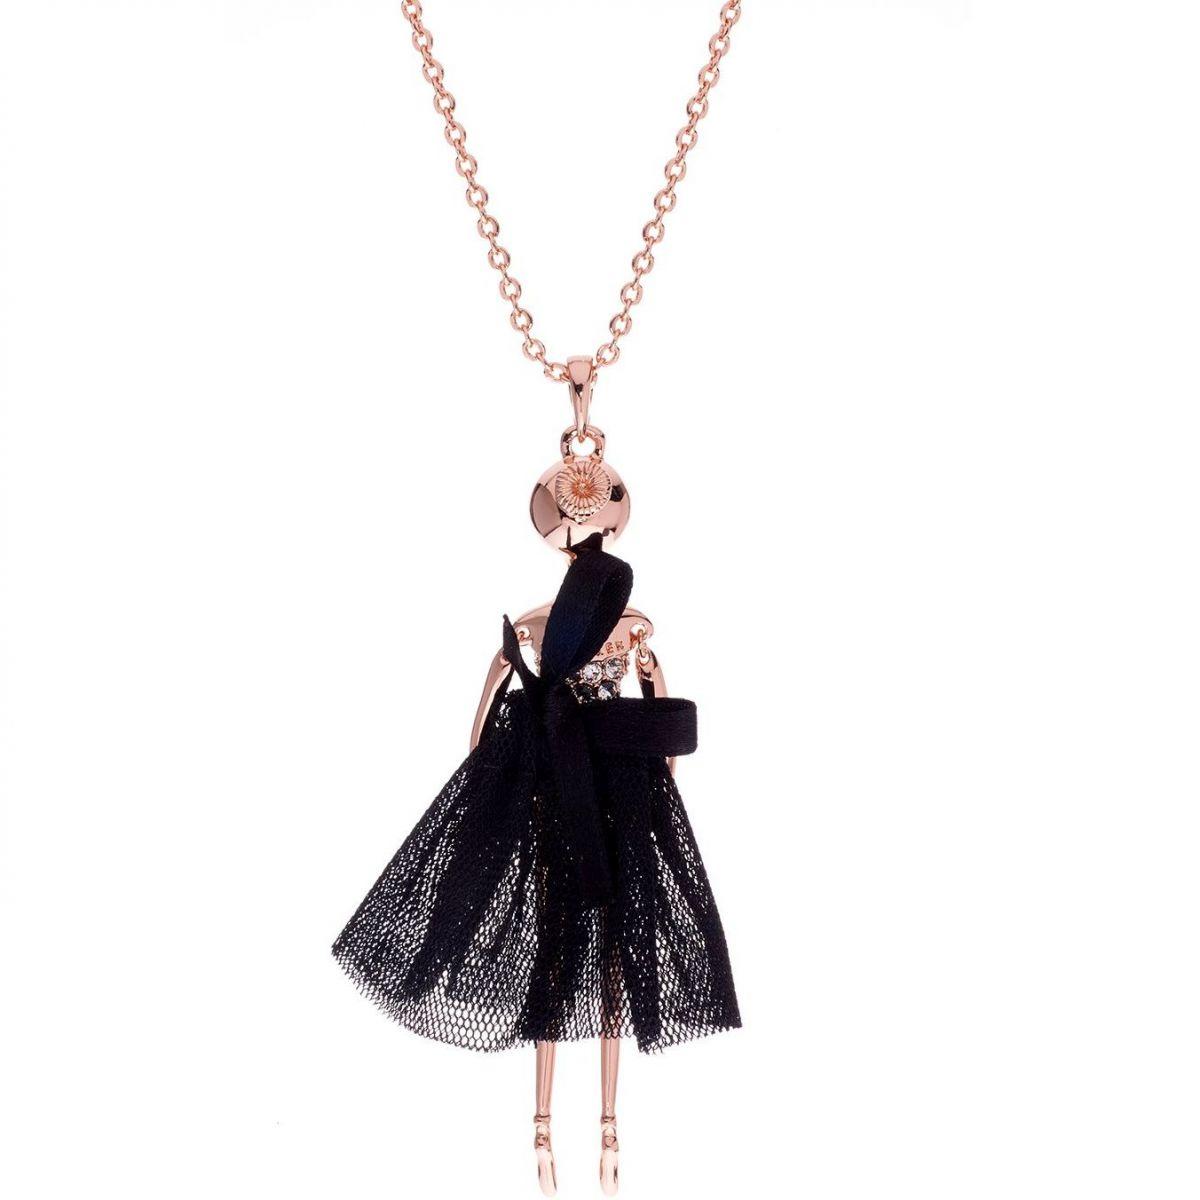 damen ted baker rose vergoldet bijou pave ballerina. Black Bedroom Furniture Sets. Home Design Ideas